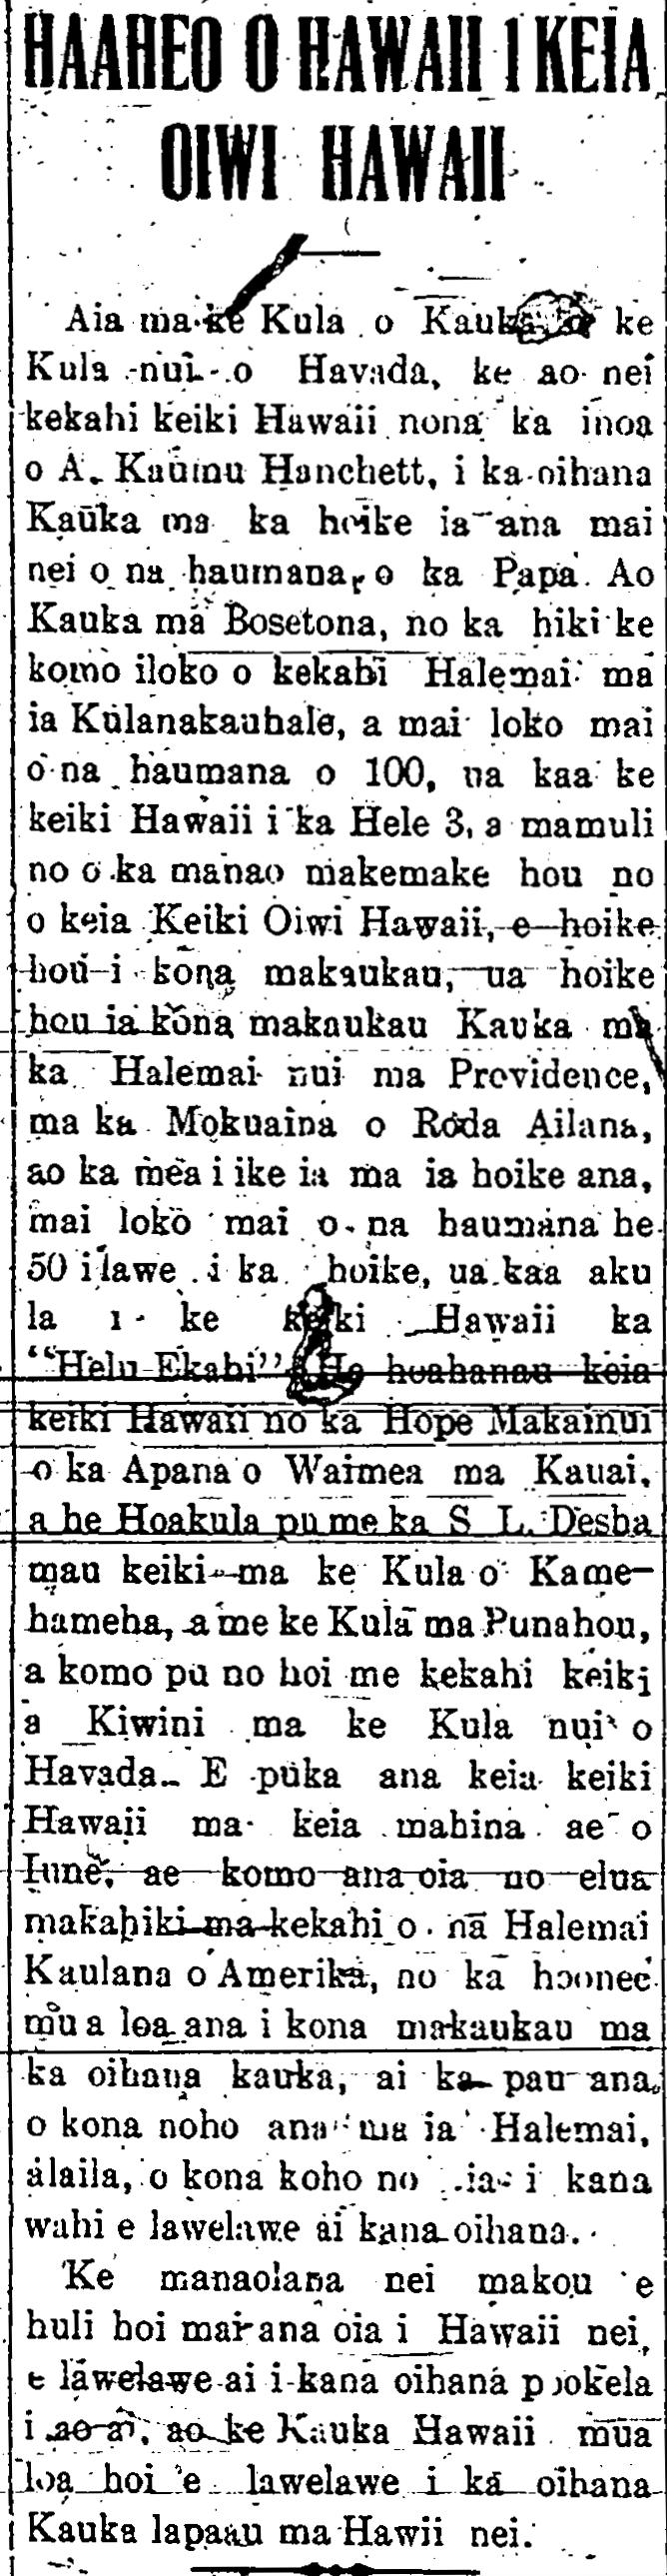 HAAHEO O HAWAII I KEIA OIWI HAWAII